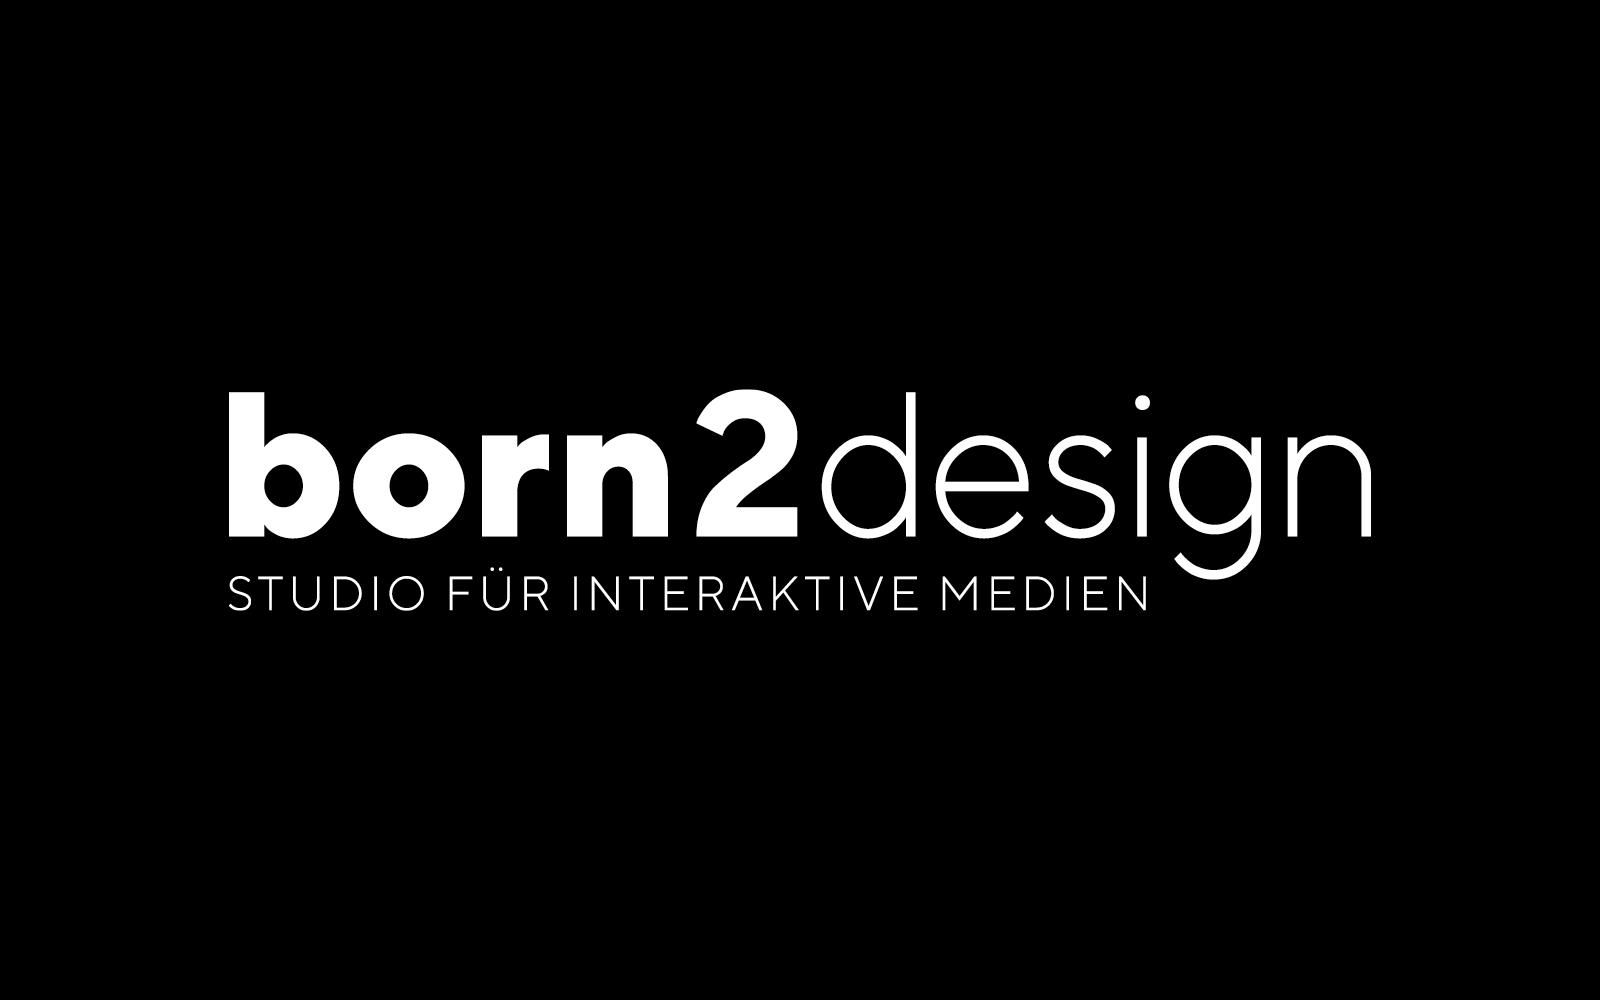 born2design